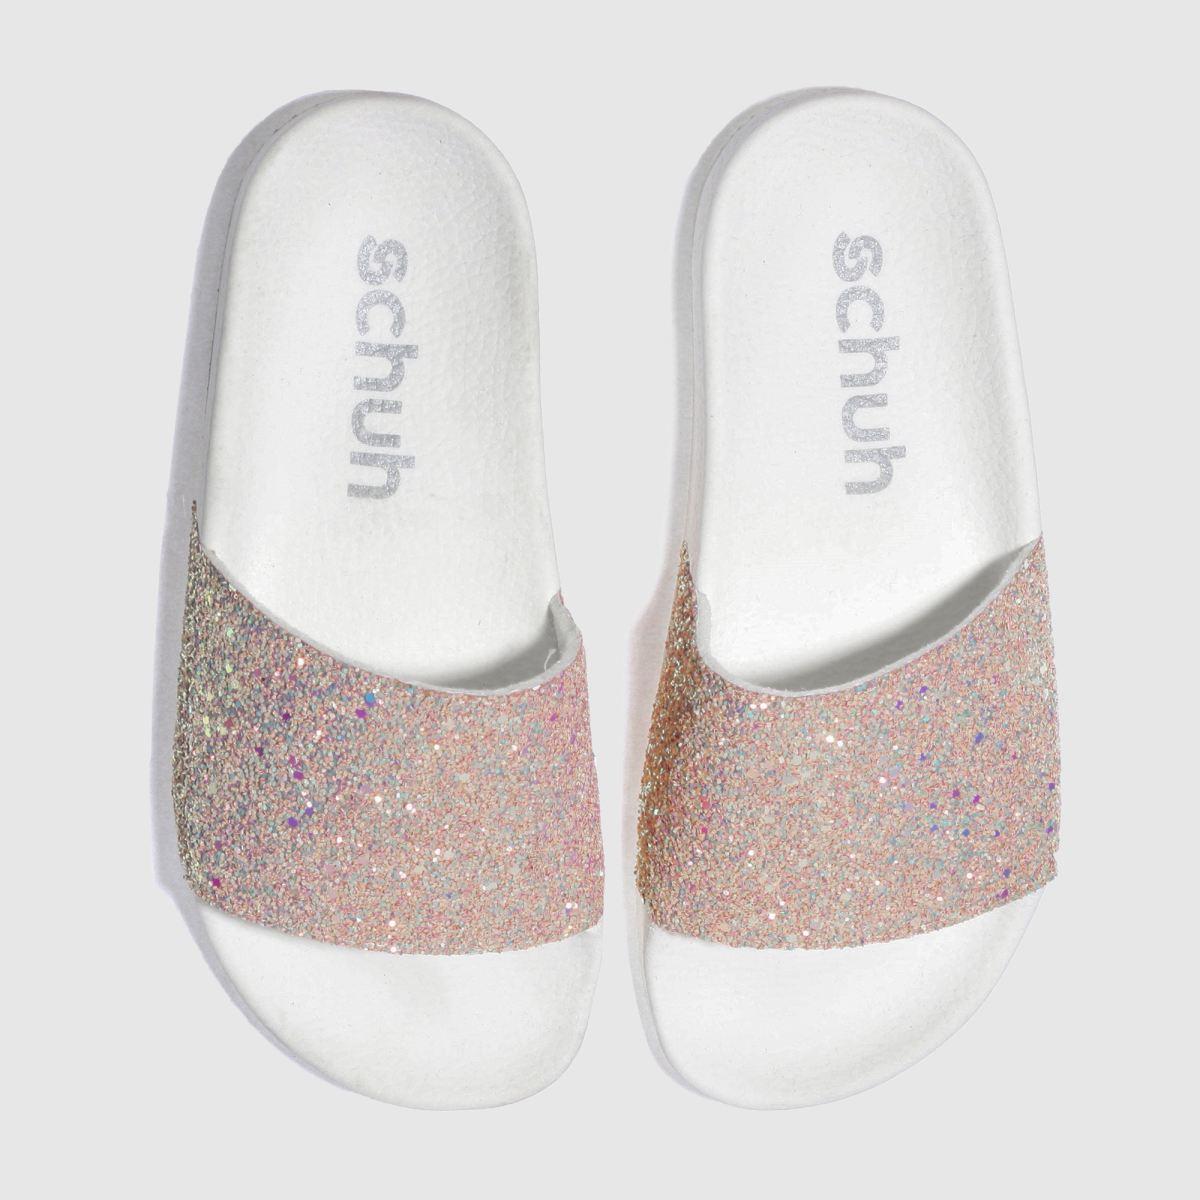 schuh pale pink proper boss sandals